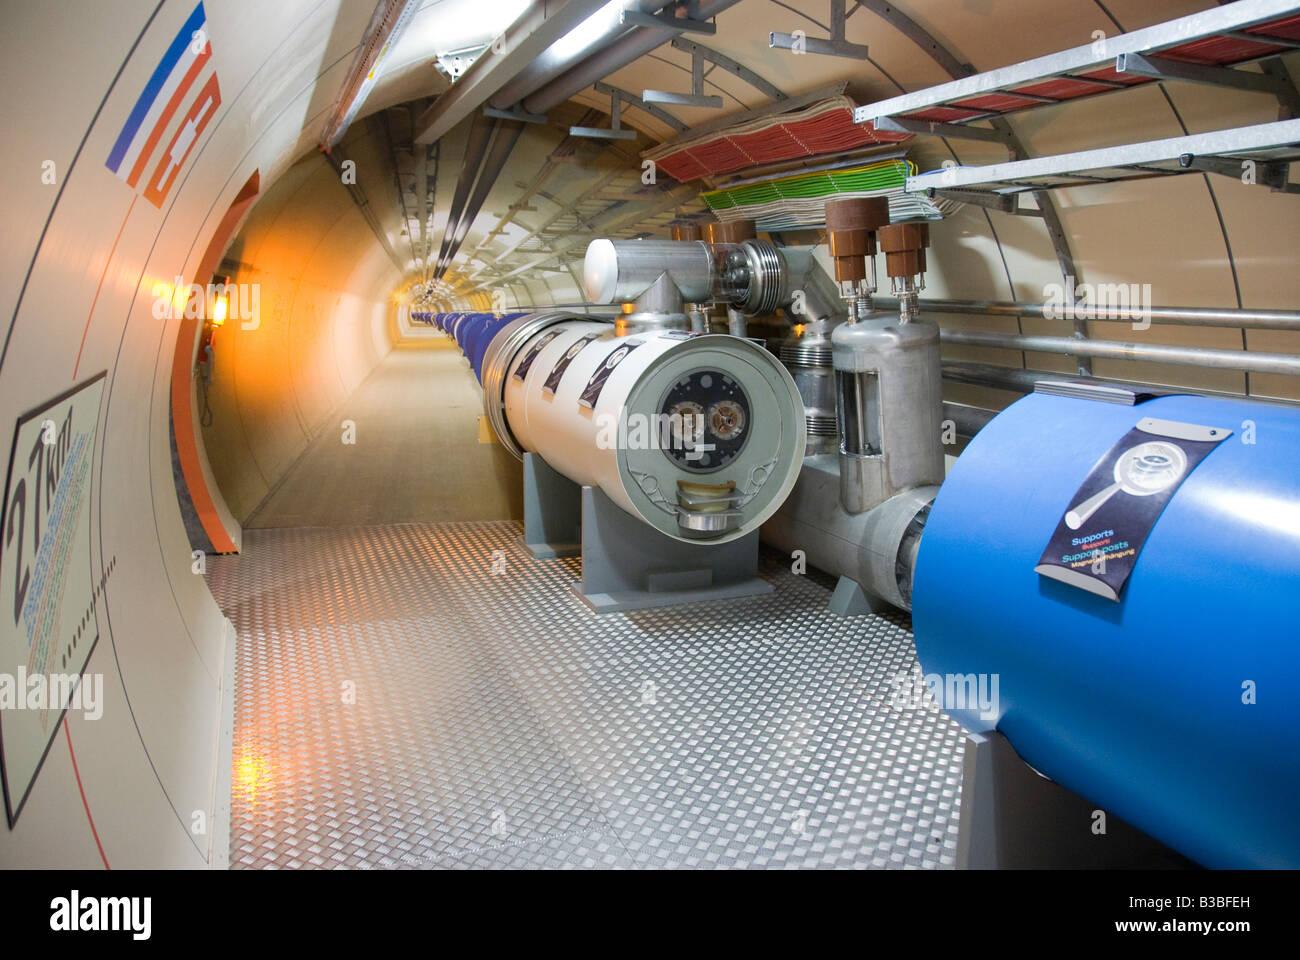 Un allestimento di un Large Hadron Collider al microcosmo del CERN sul sito esposizione multimediale a Ginevra Immagini Stock